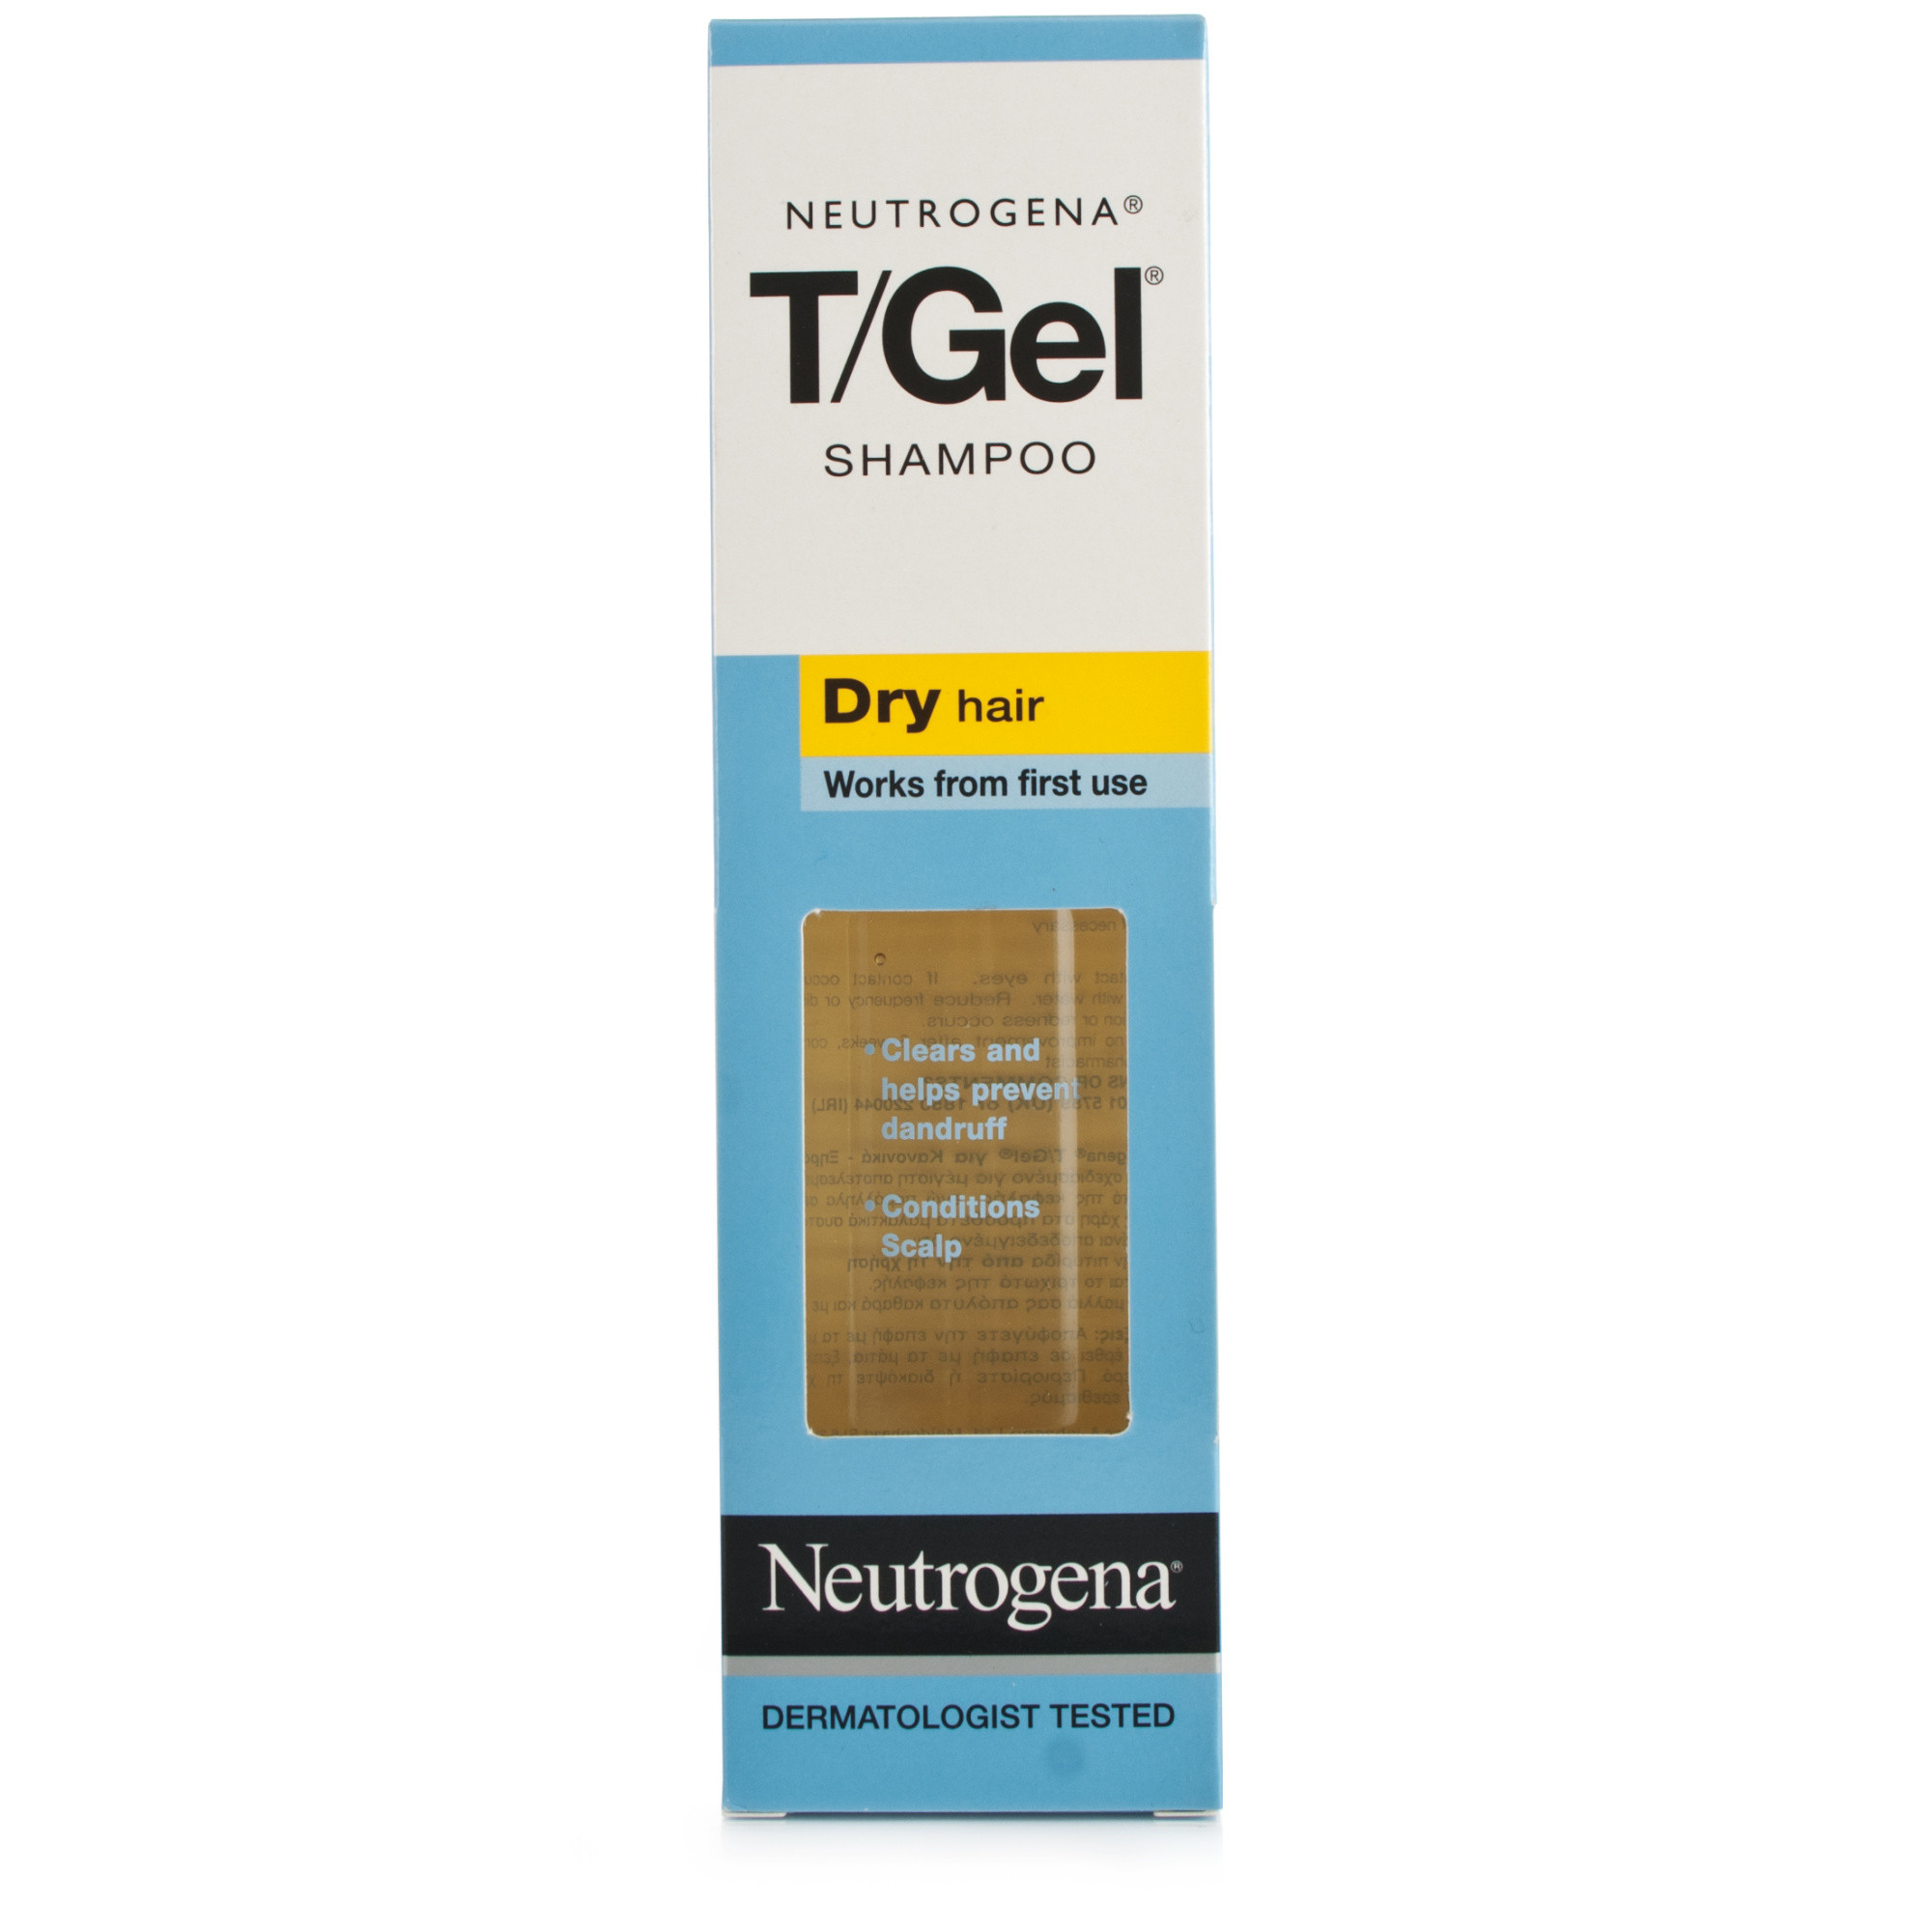 Neutrogena TGel Dry Hair Shampoo For Dry Hair